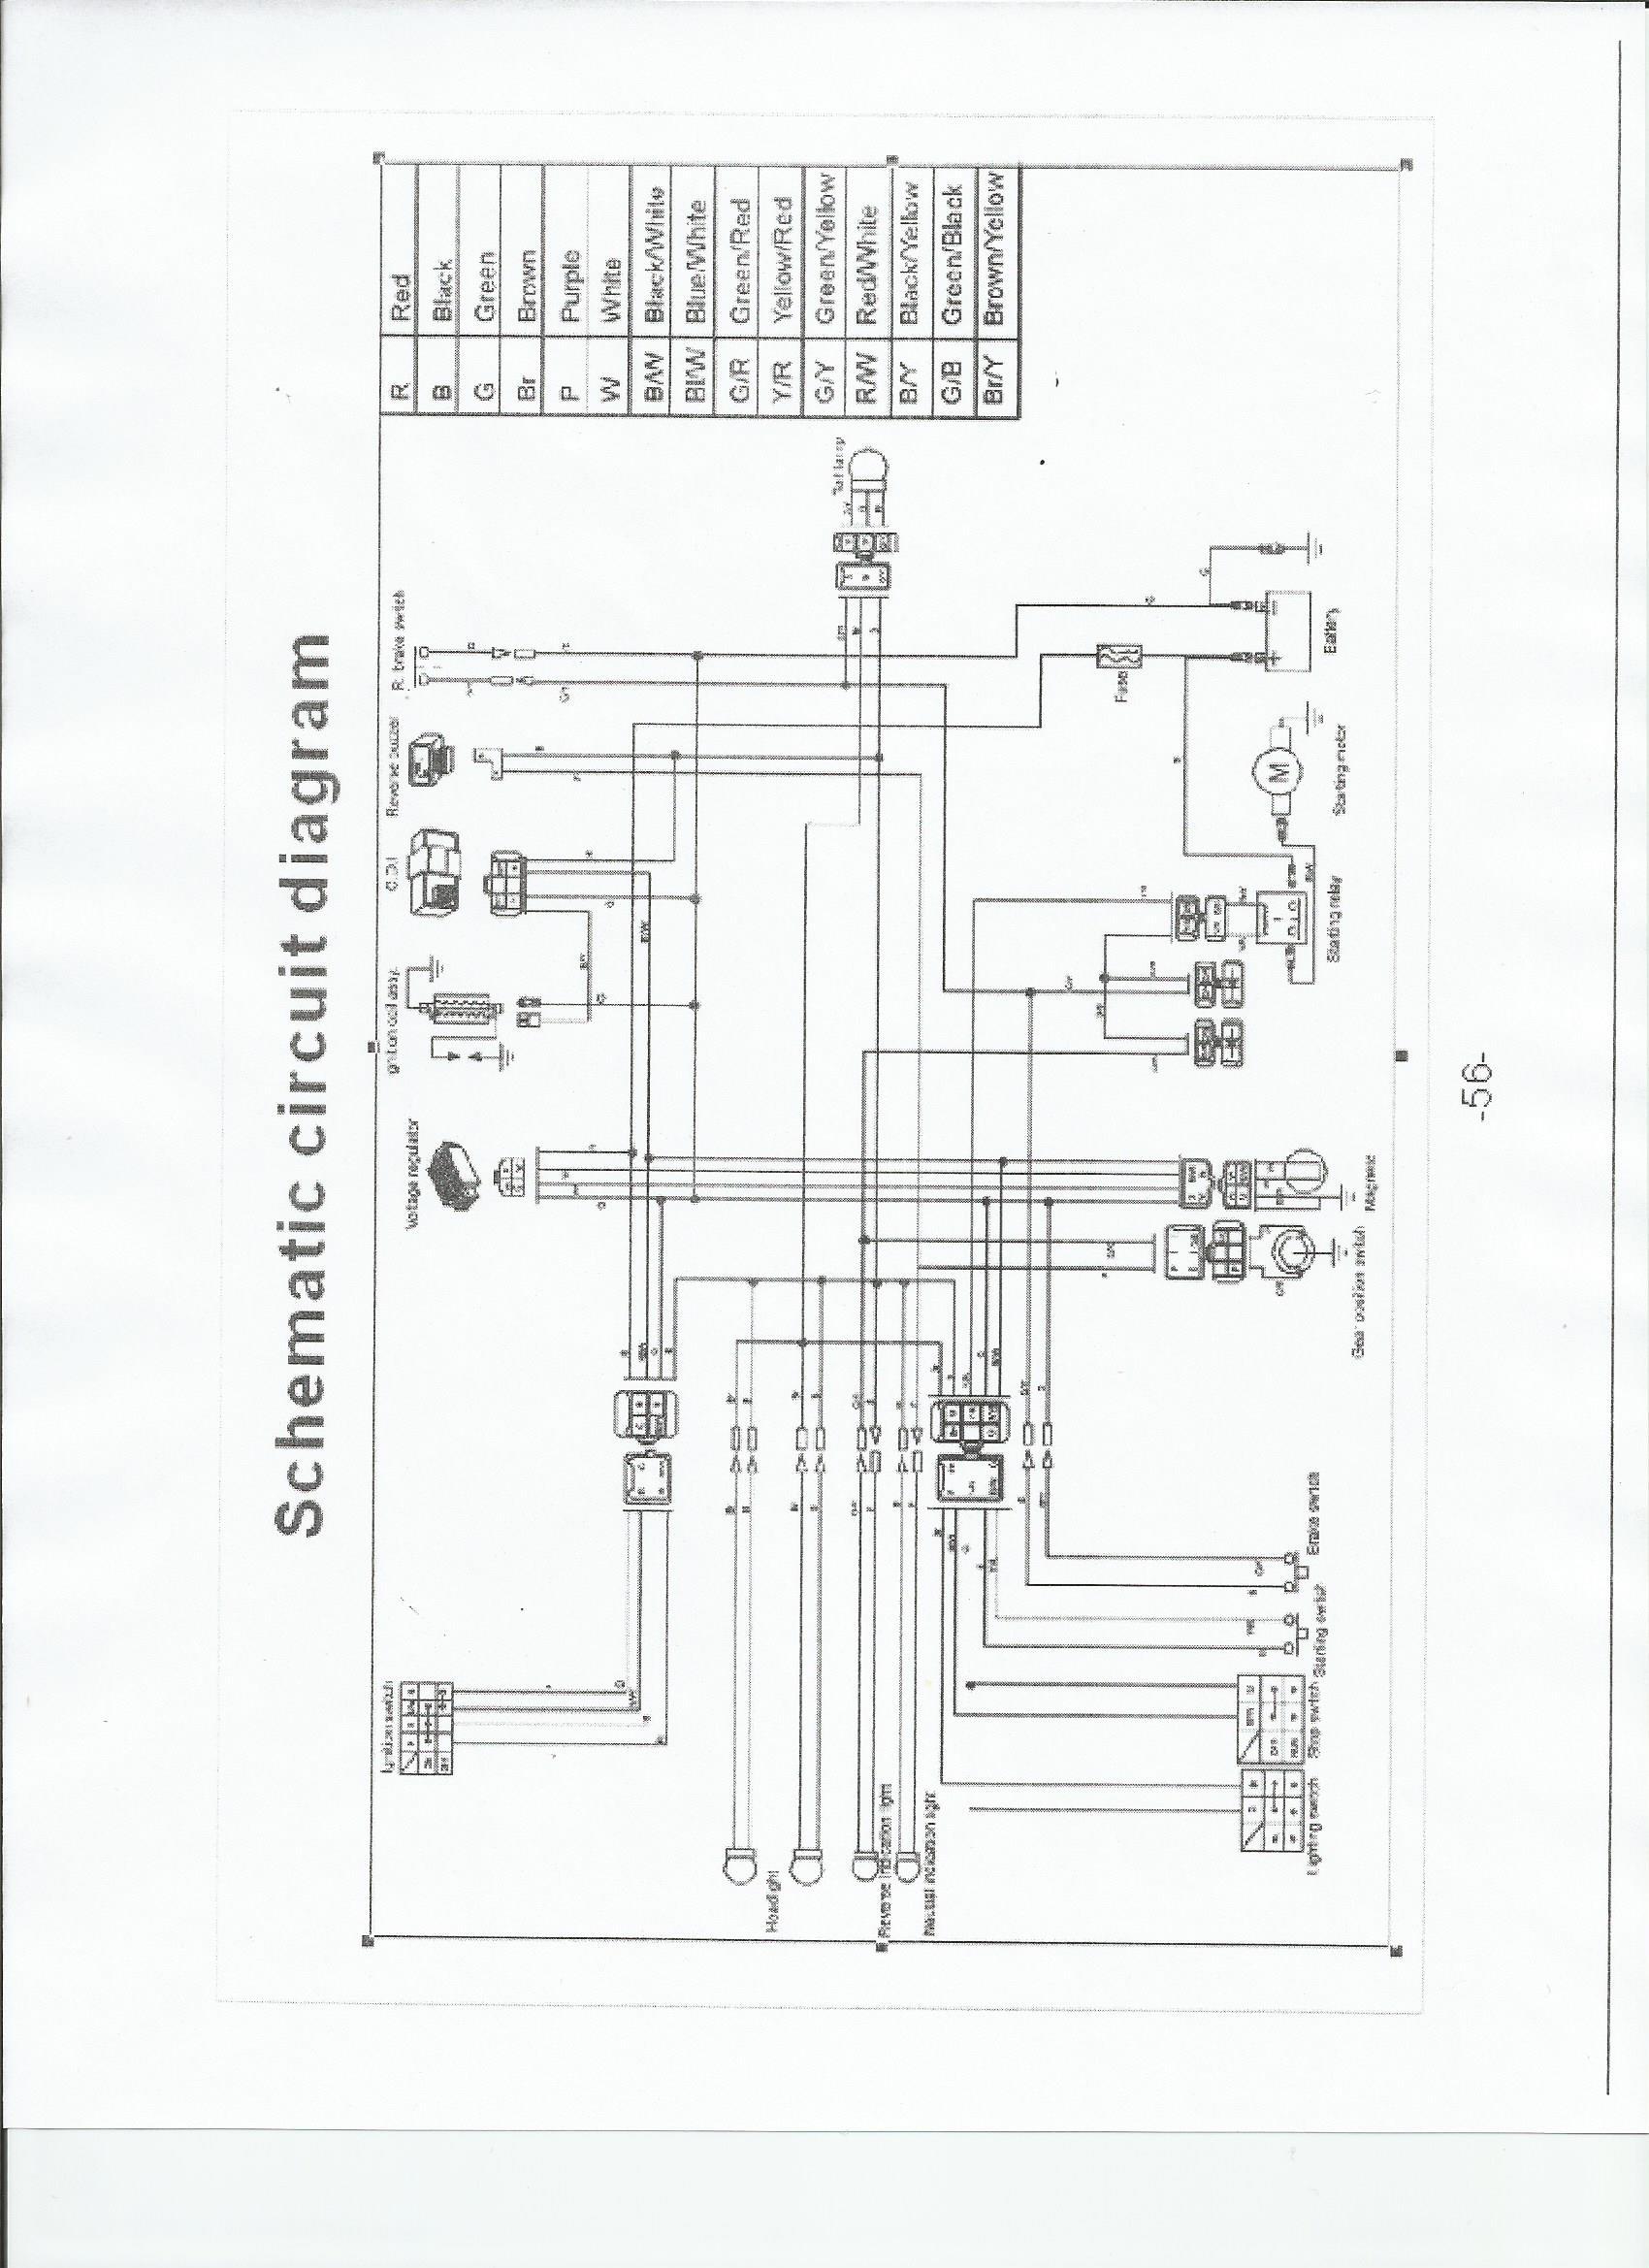 hight resolution of tao tao wiring schematic jpg